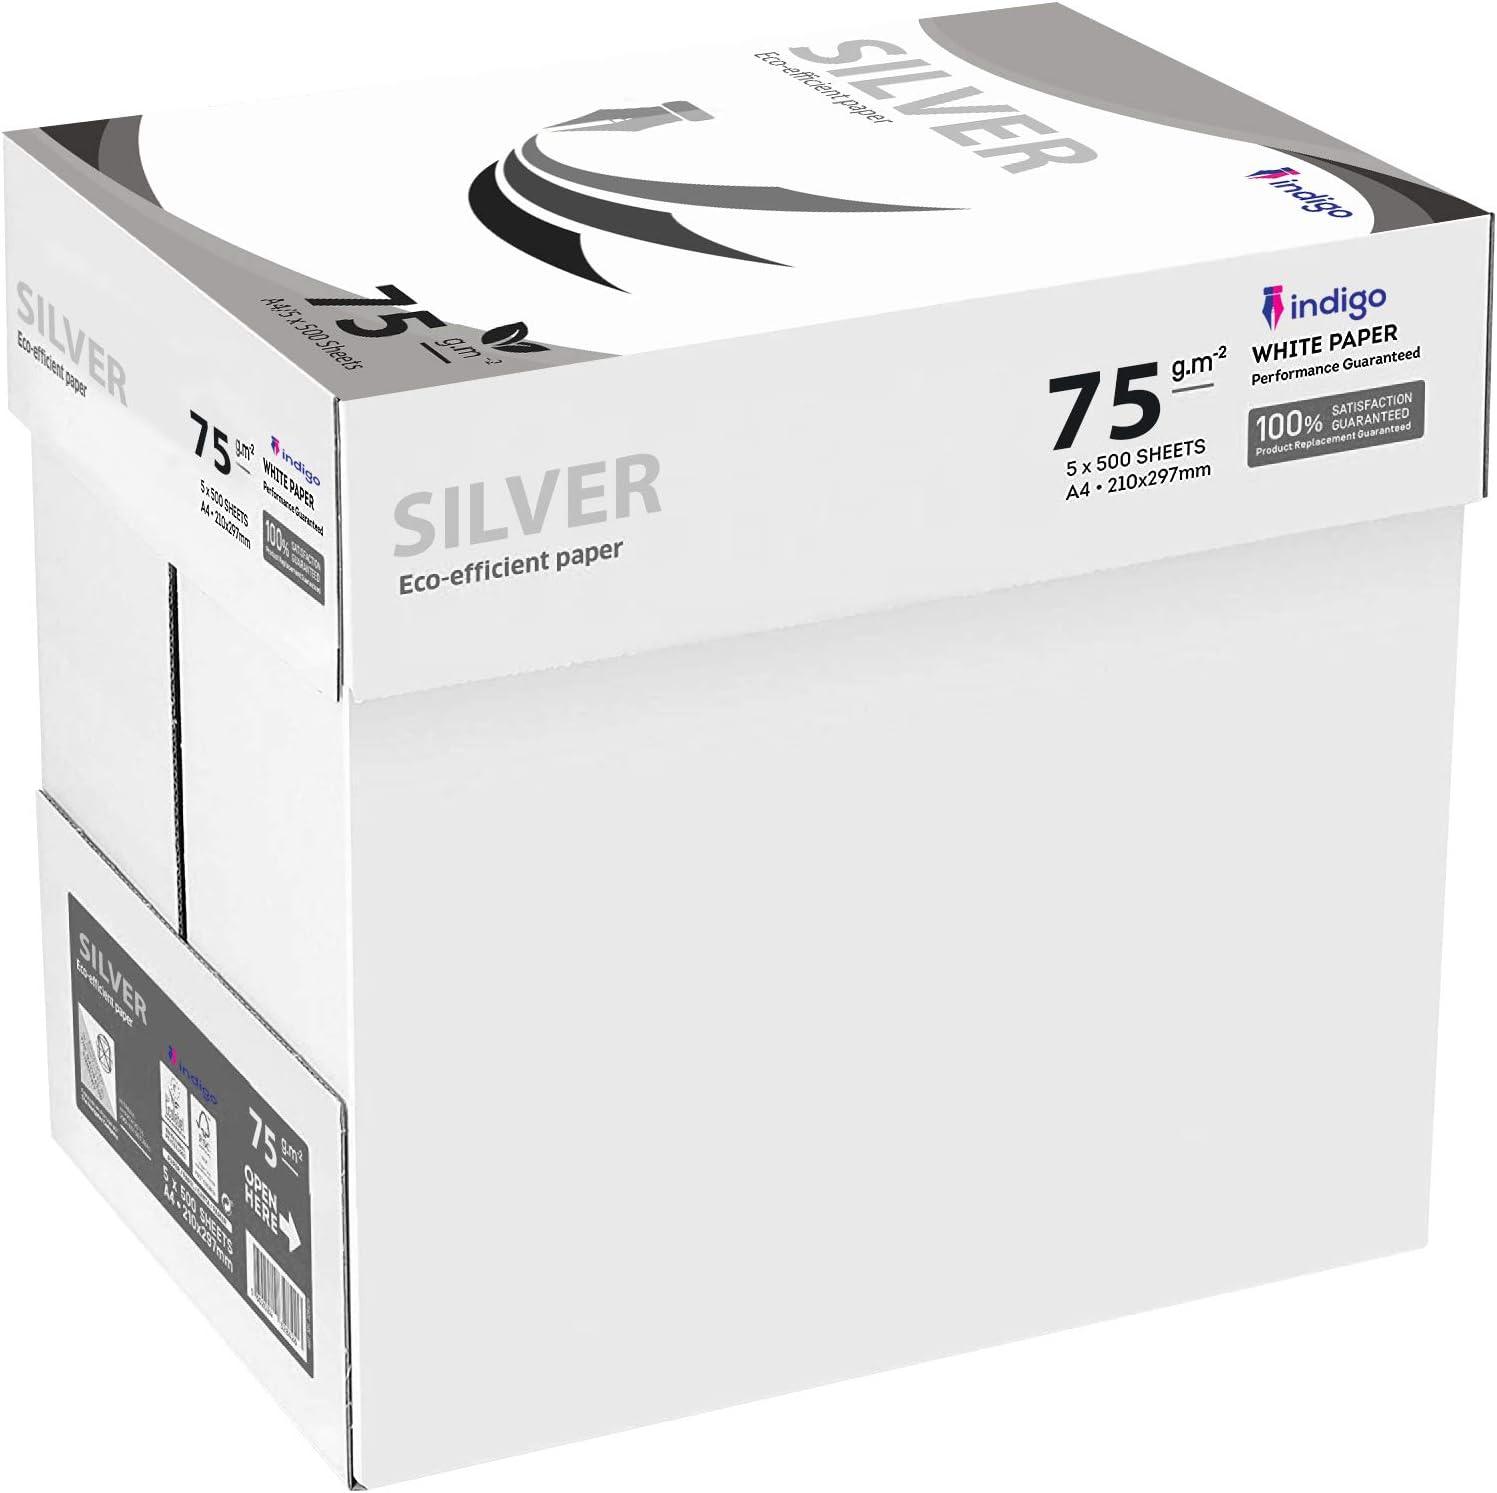 A4 Paper Office White Printer Copier Paper (80gsm) Multifunction Laser papel para impresora de inyección de tinta 10 Boxes (50 Reams): Amazon.es: Oficina y papelería